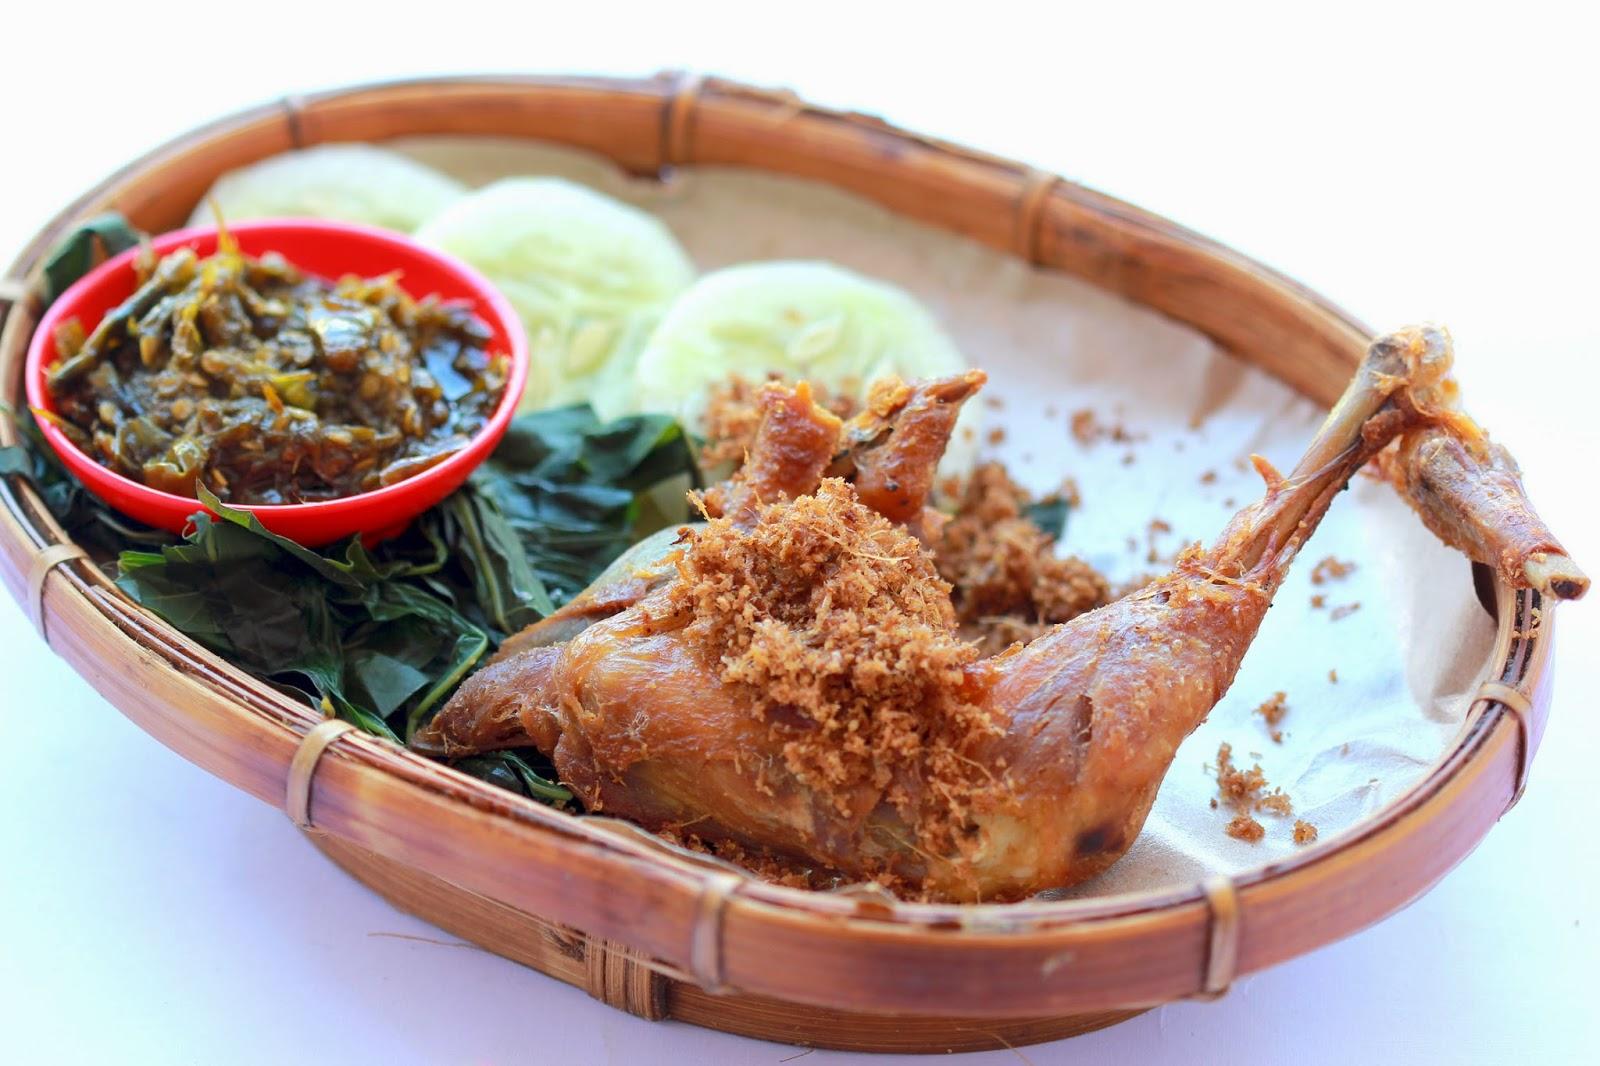 ayam goreng lombok idjo wisata kuliner jogja